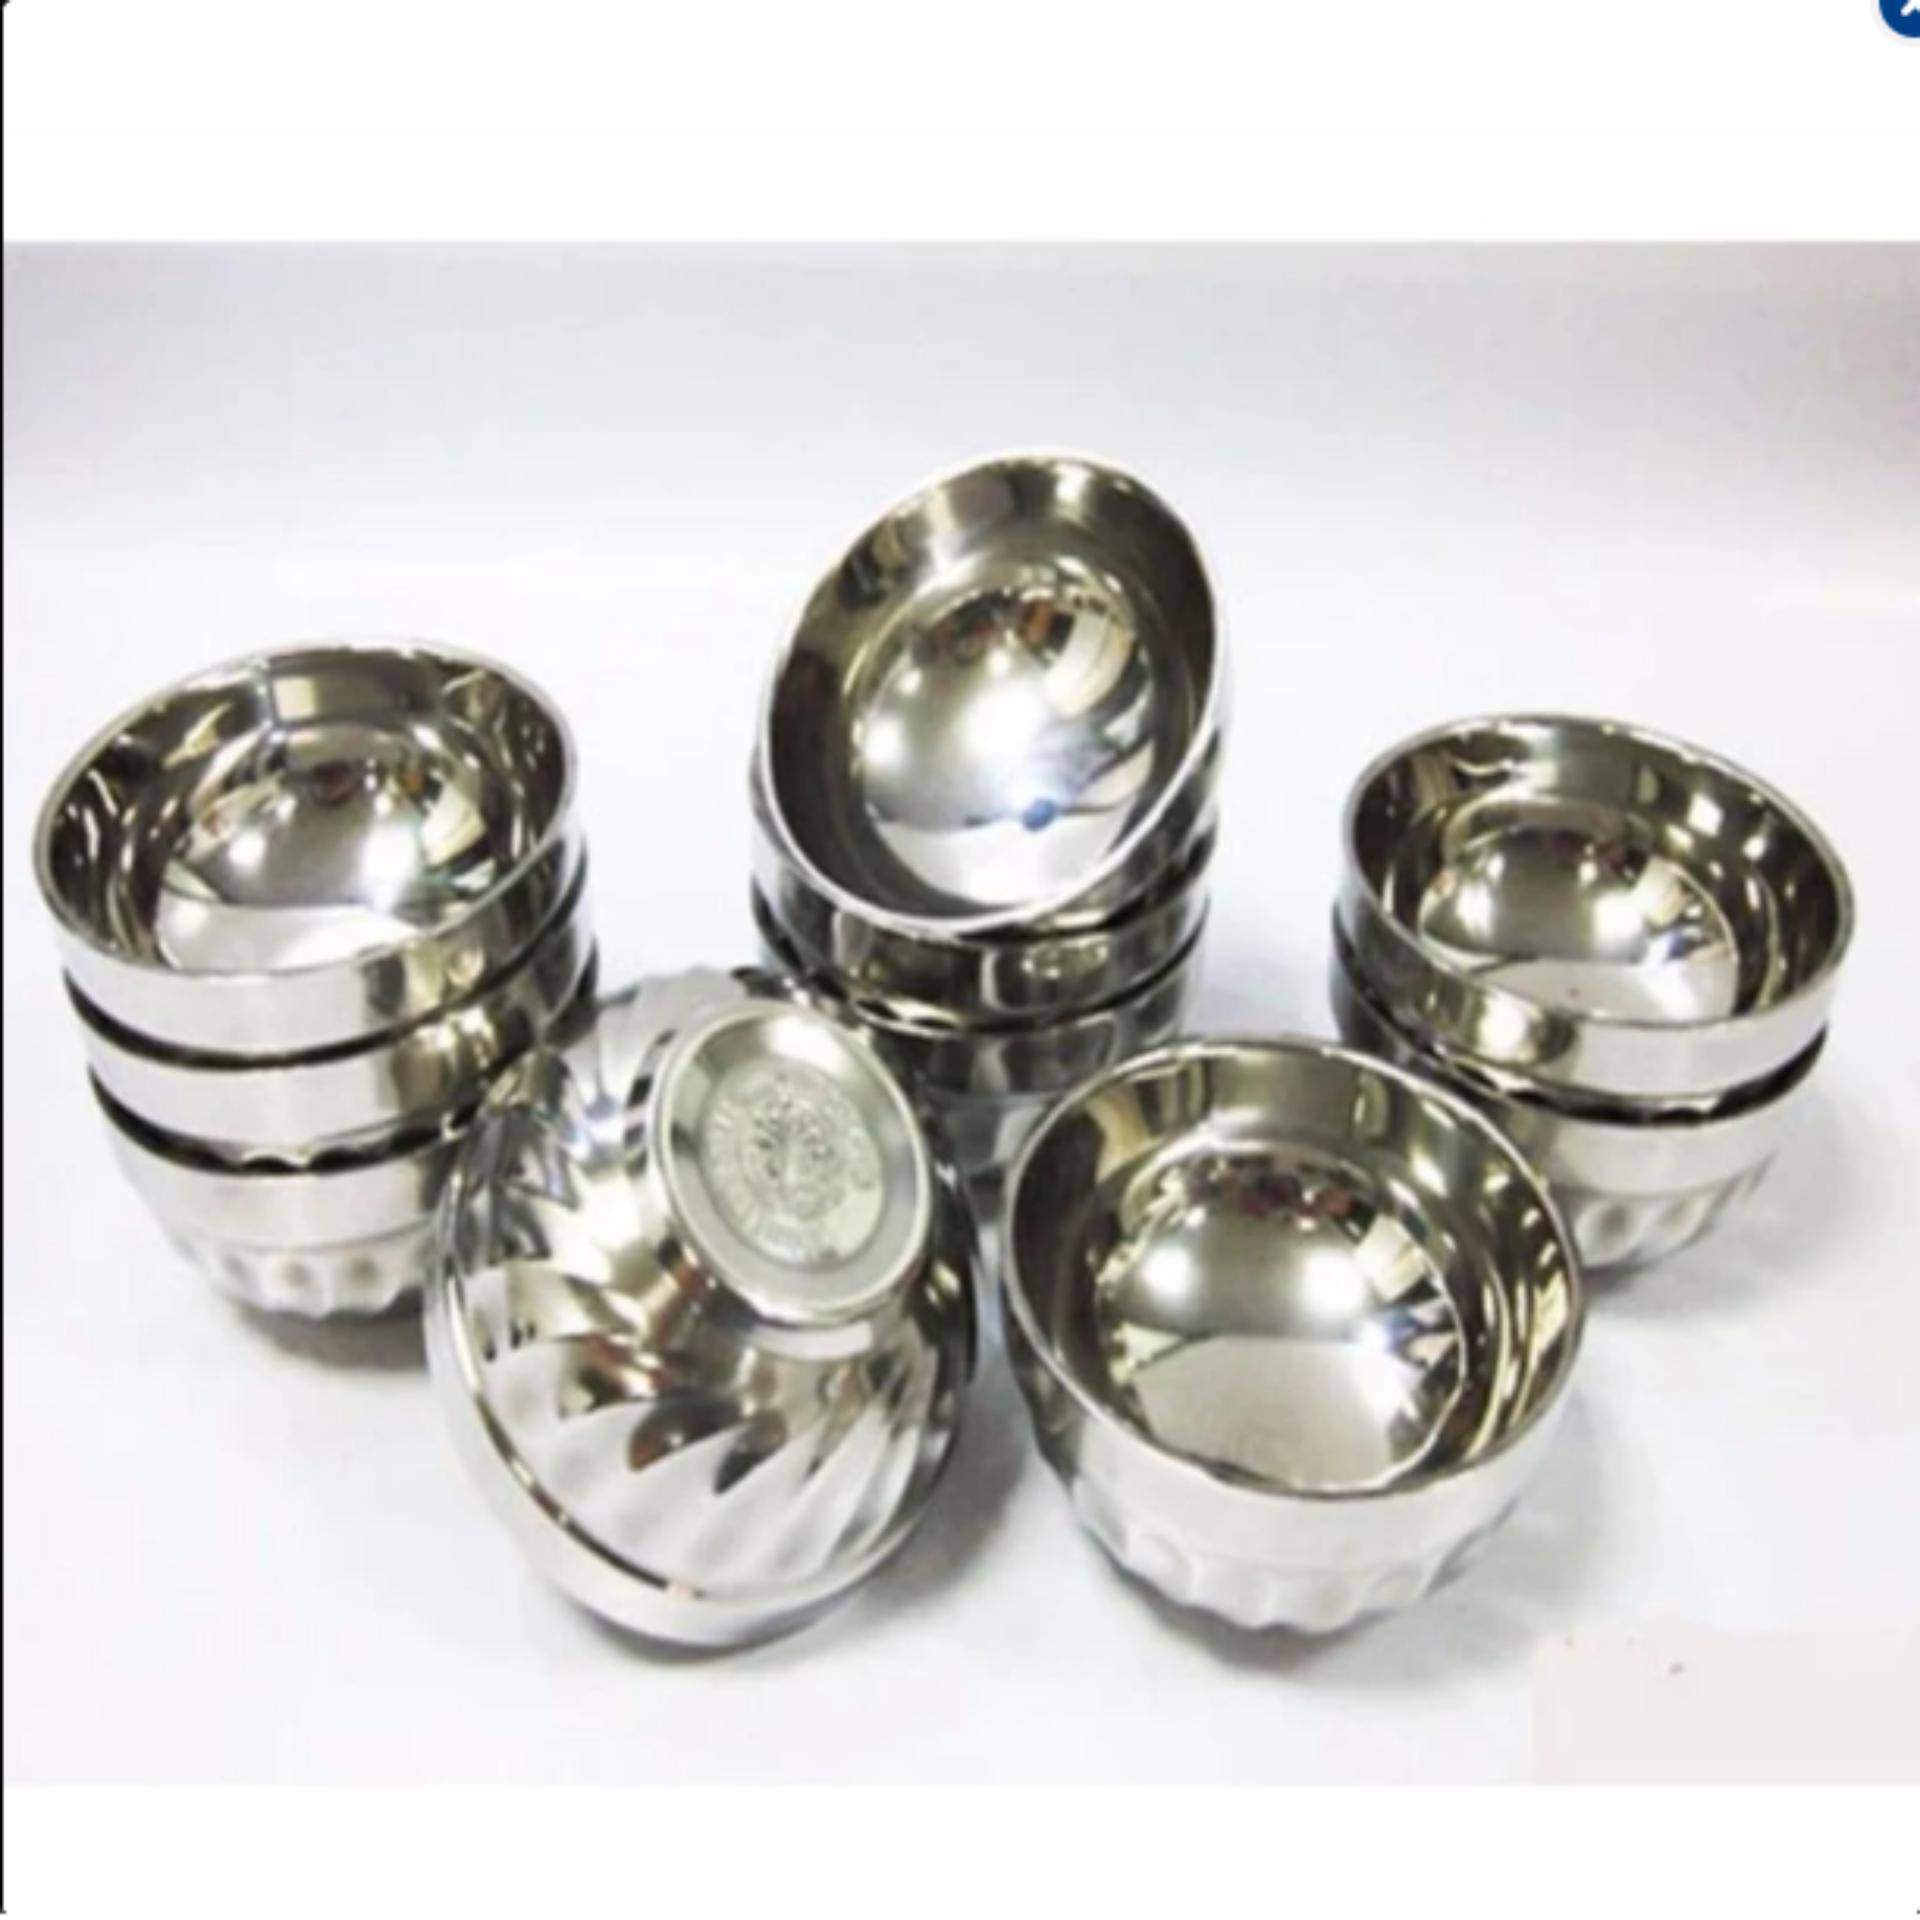 Bộ 10 bát cơm inox Hoàng Gia 2 lớp cách nhiệt_11.5cm_(Bạc)